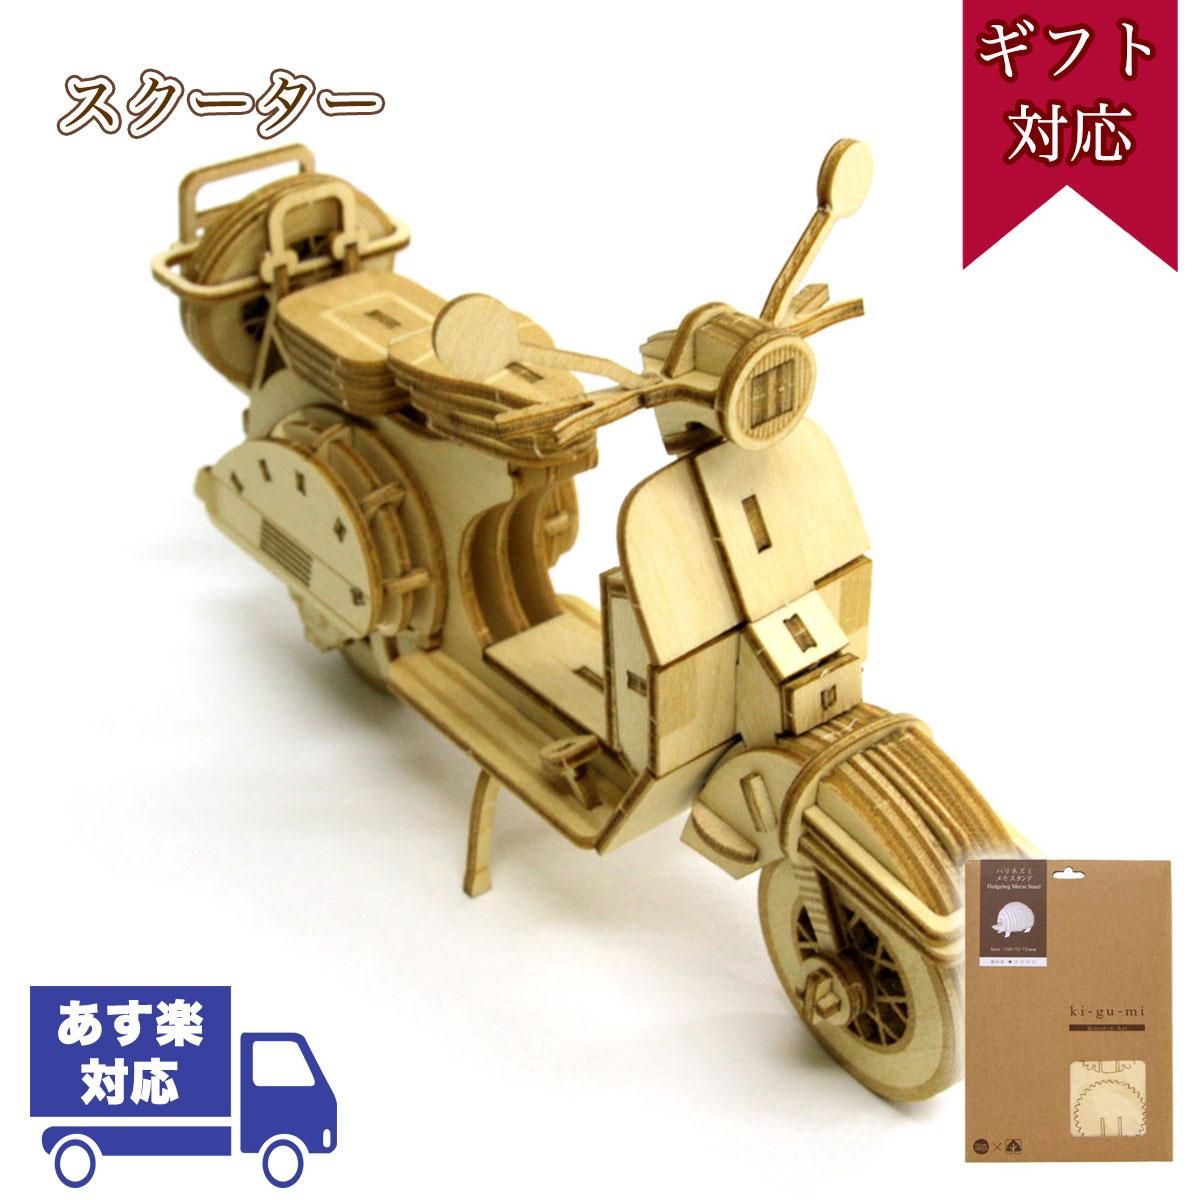 エーゾーン ki-gu-mi 木製パズル スクーター 原付自転車 バイク 二輪車 立体パズル 木製 ホビー 木のおもちゃ パズル 知育 木のパズル kigumi きぐみ キグミ 木組み